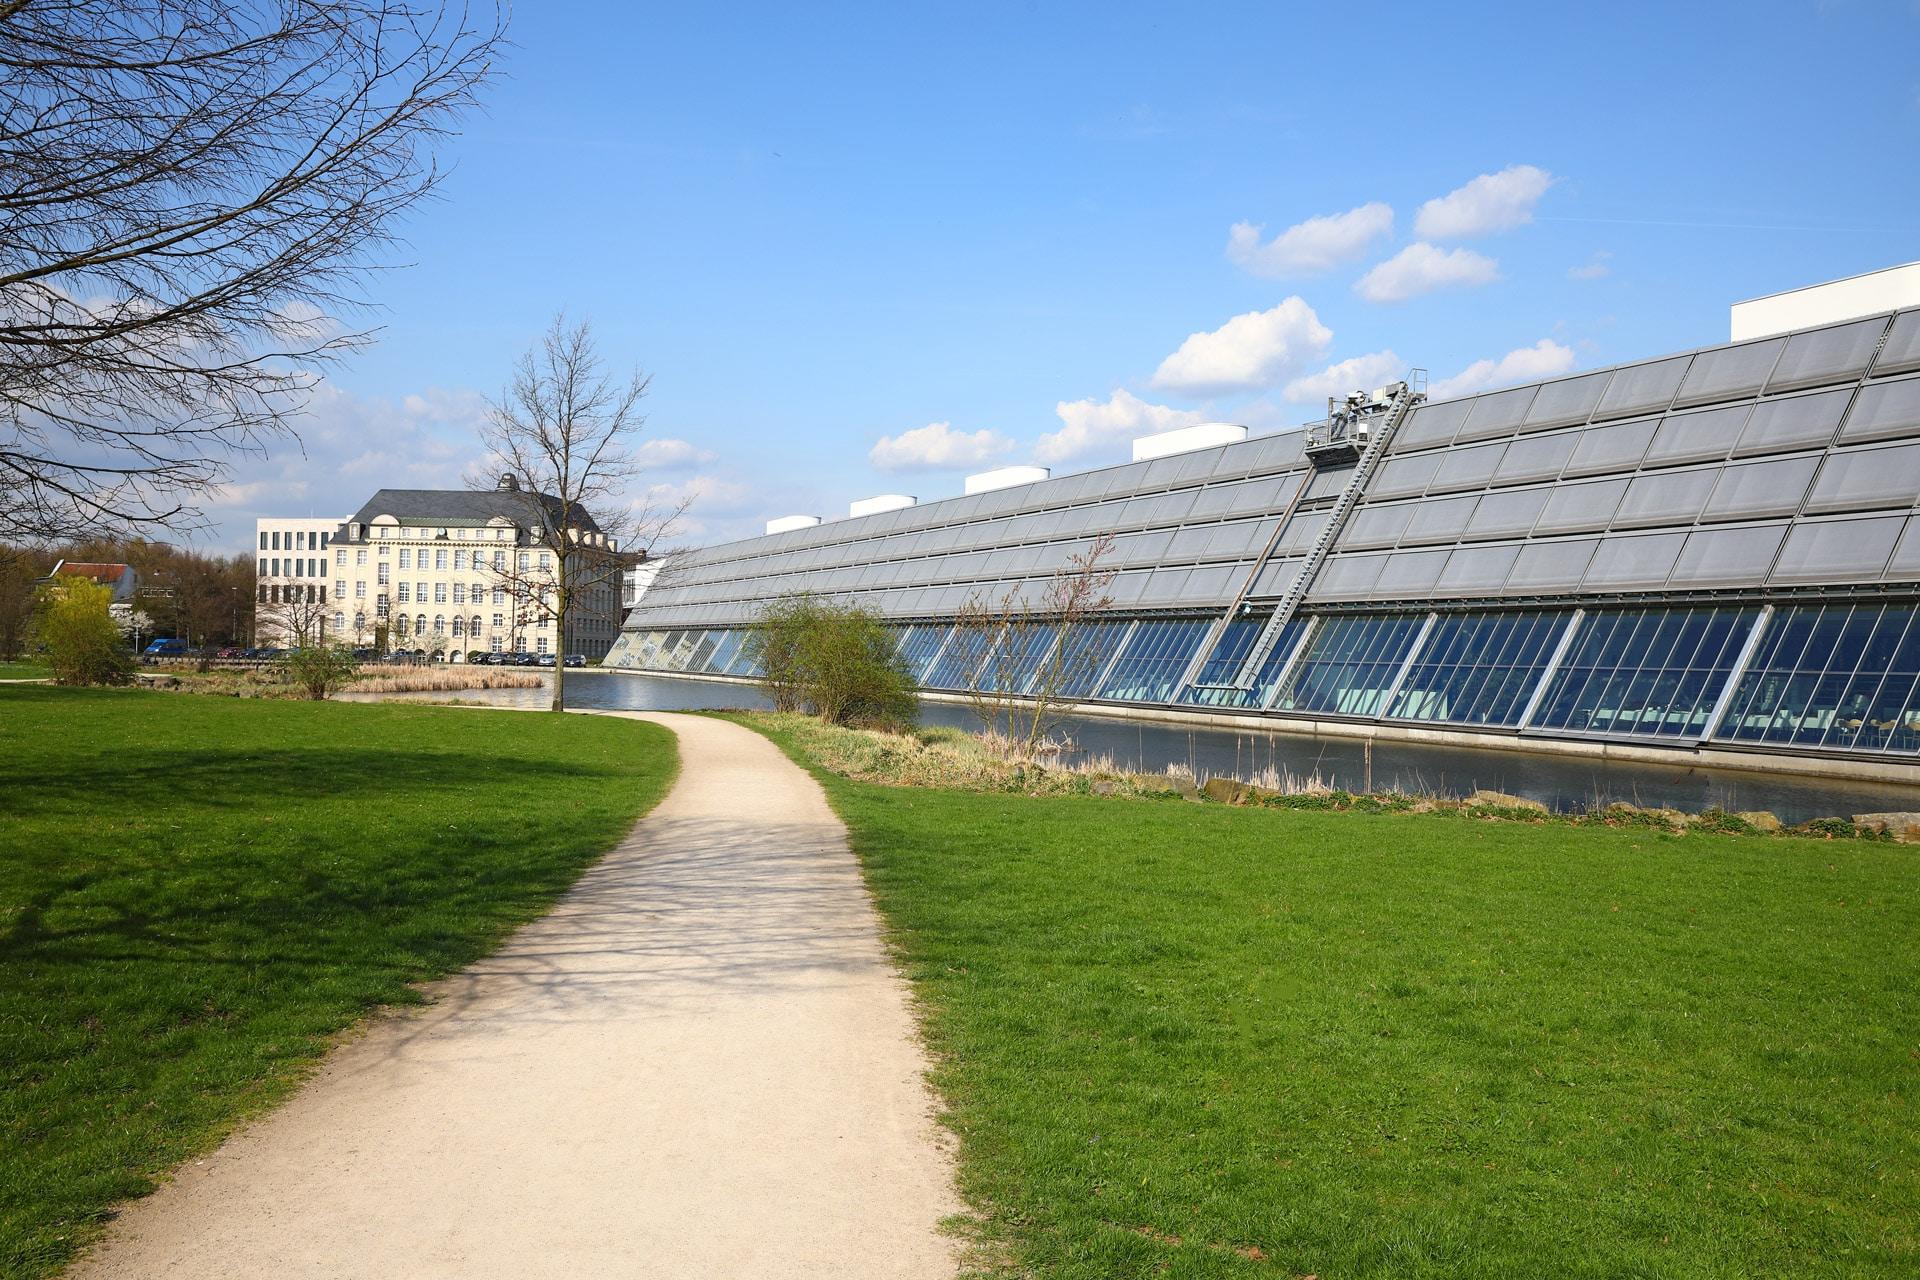 Businessfoto für Firma in Gelsenkirchen